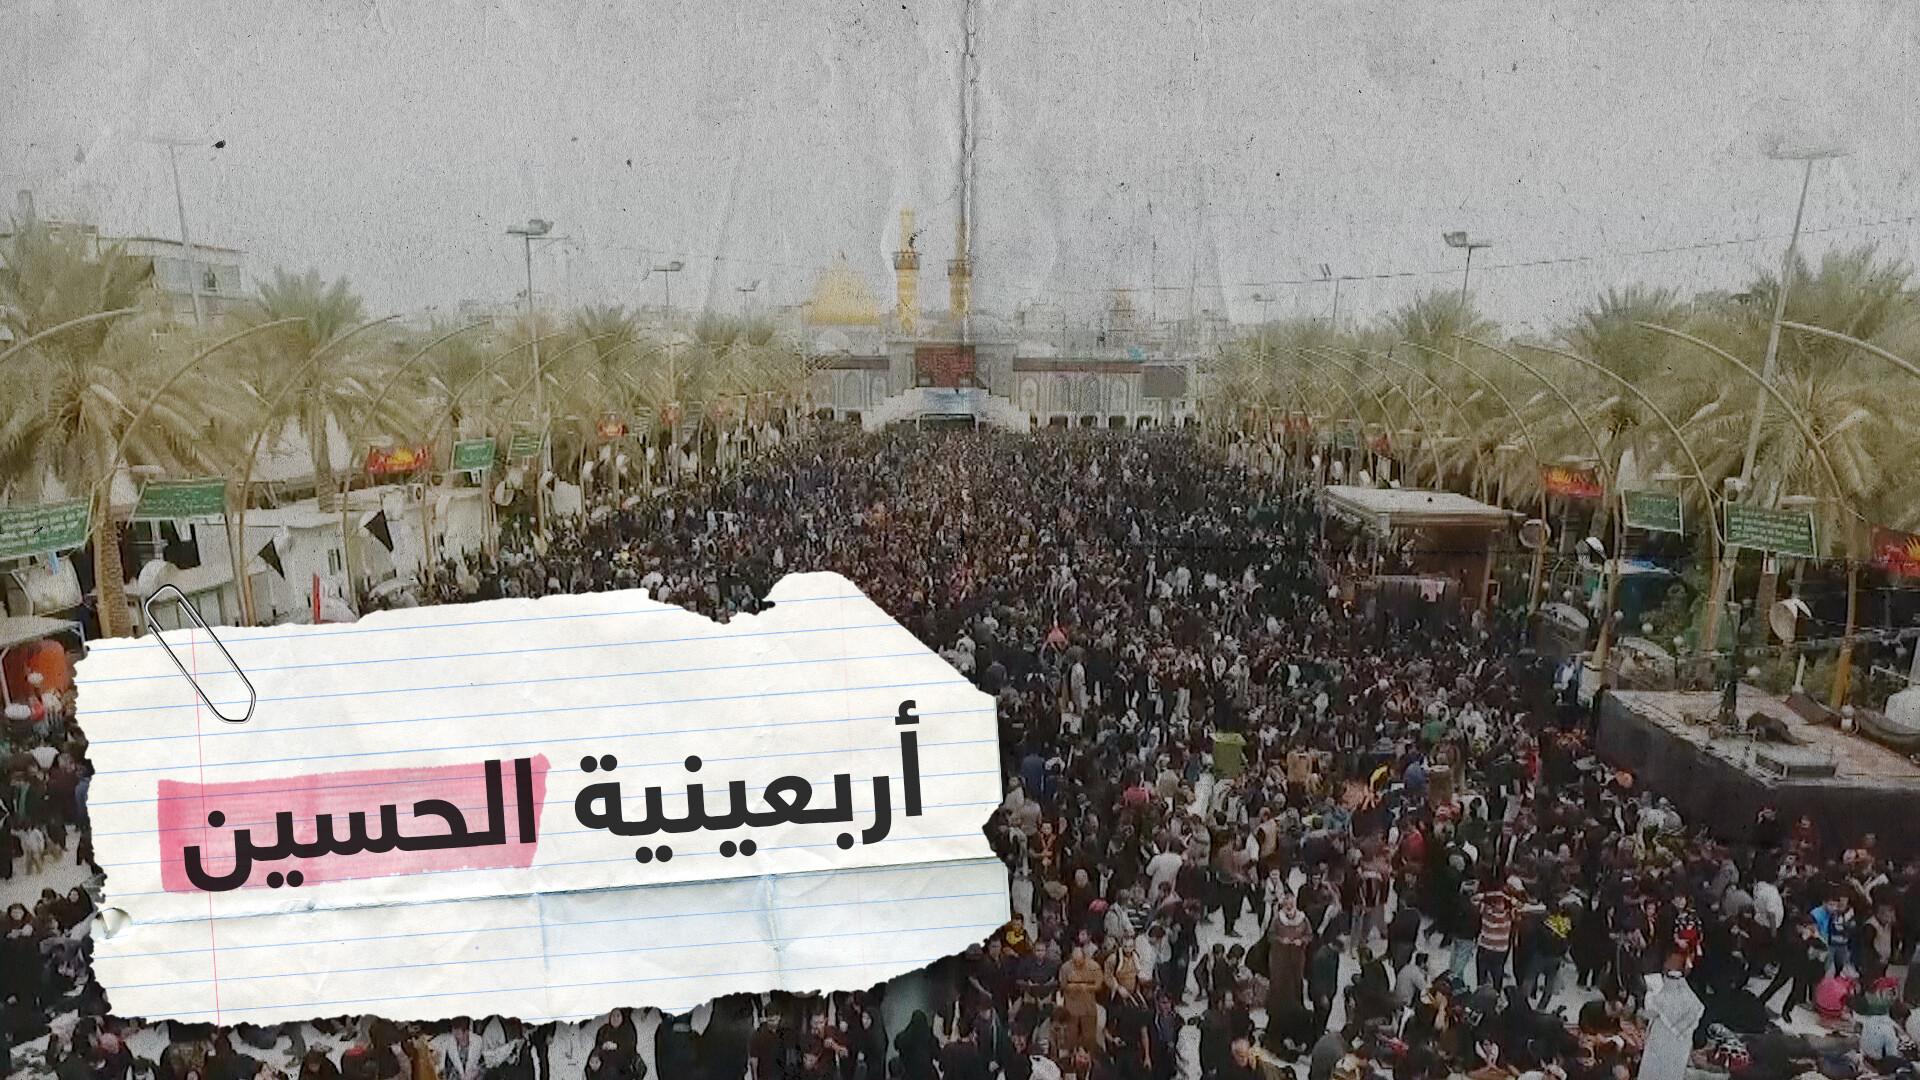 الآلاف يتوجهون إلى كربلاء لإحياء ذكرى أربعينية الإمام الحسين